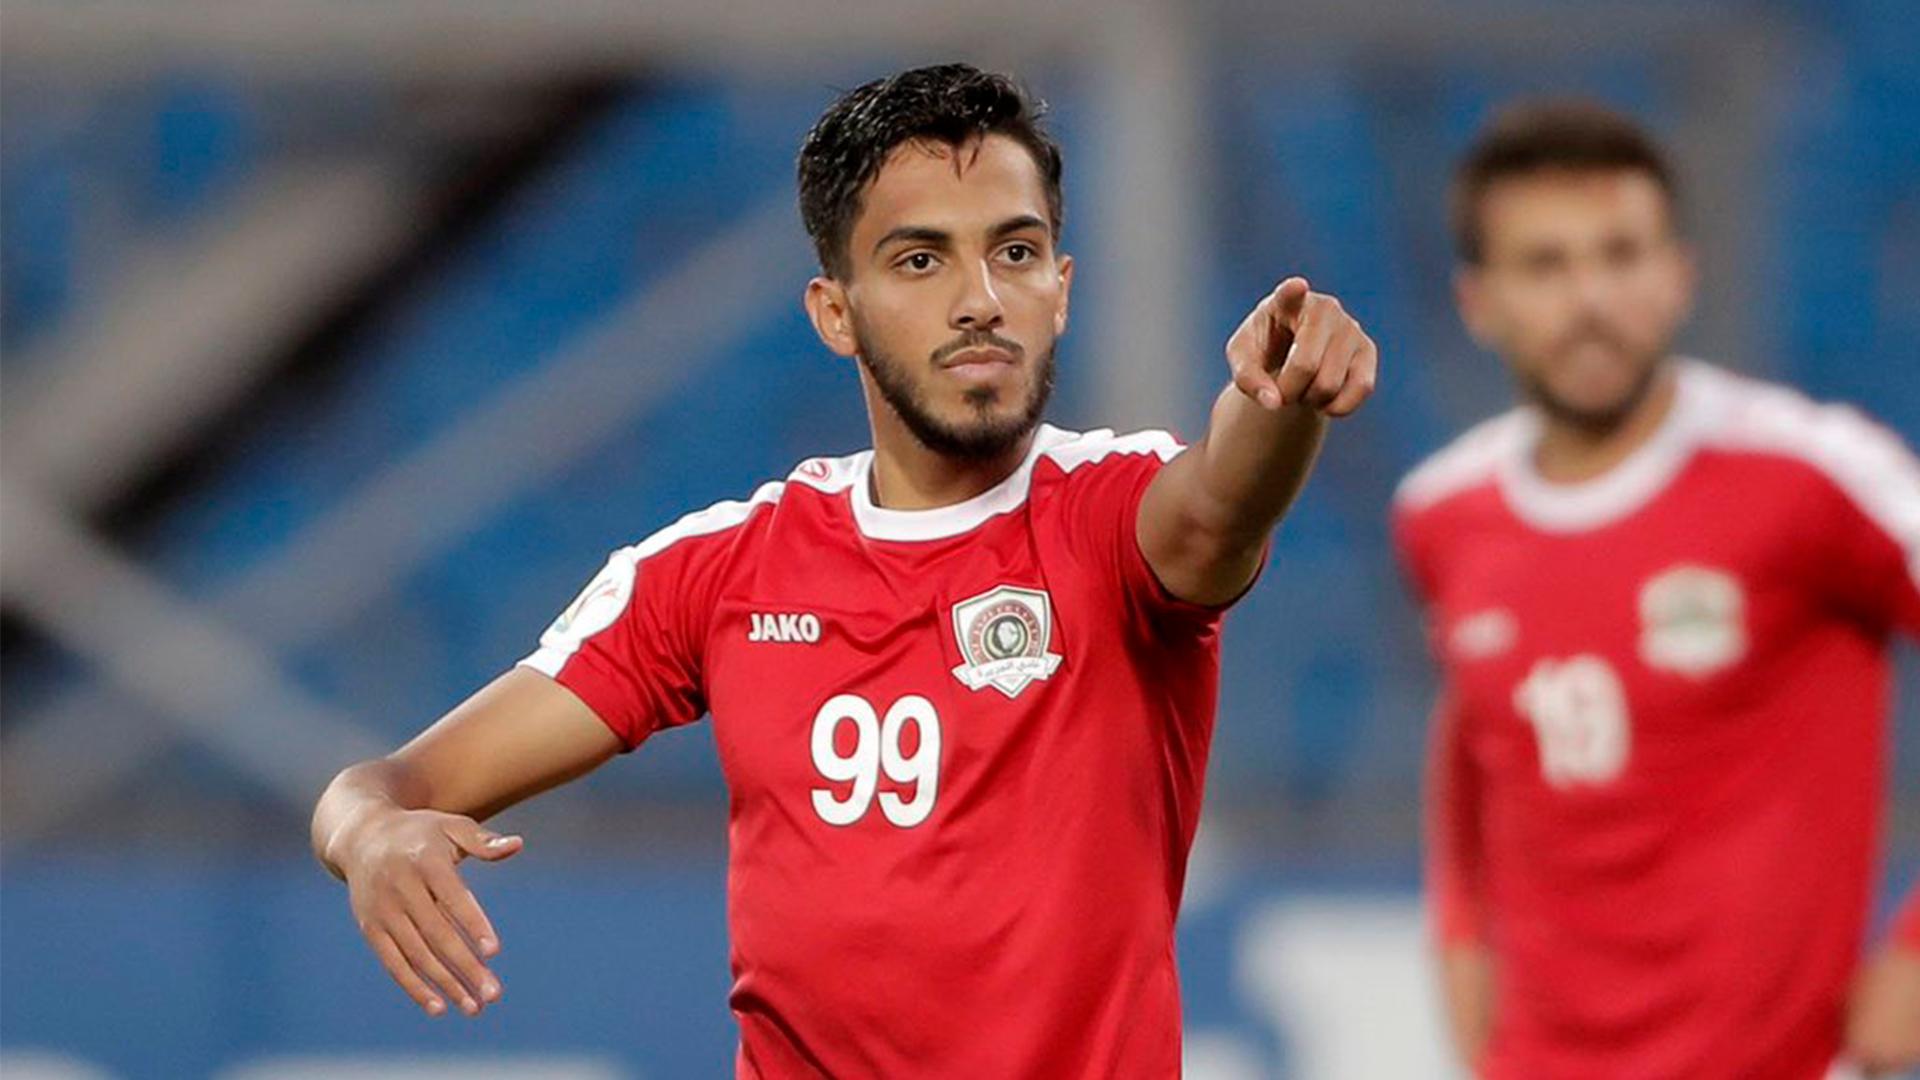 Musa Al-Taamari Jordan